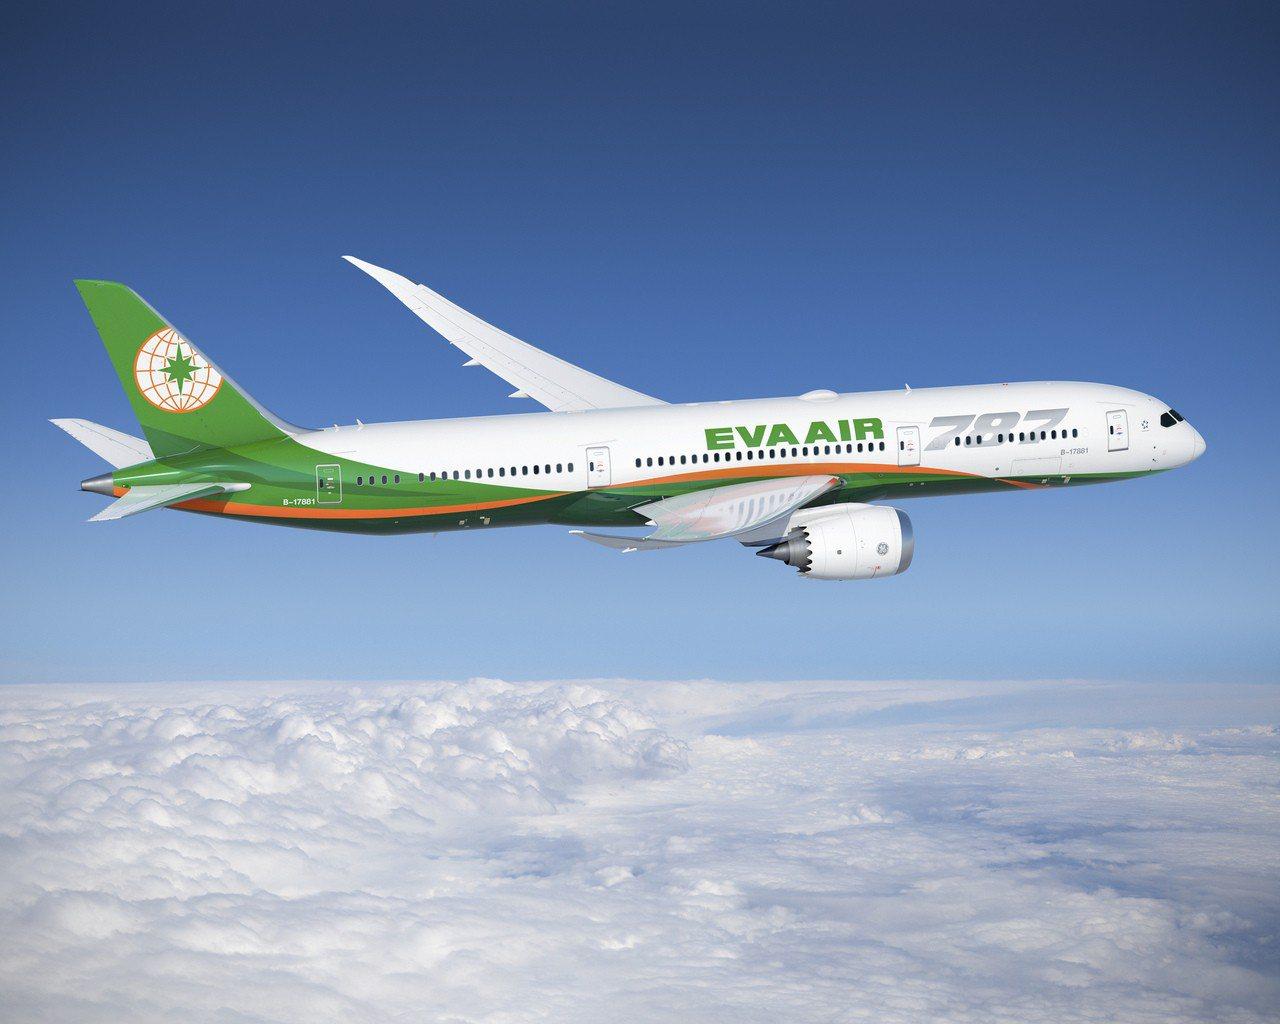 長榮航空董事長林寶水多次以「精品」形容波音787-9「夢想客機」。 圖/長榮提供